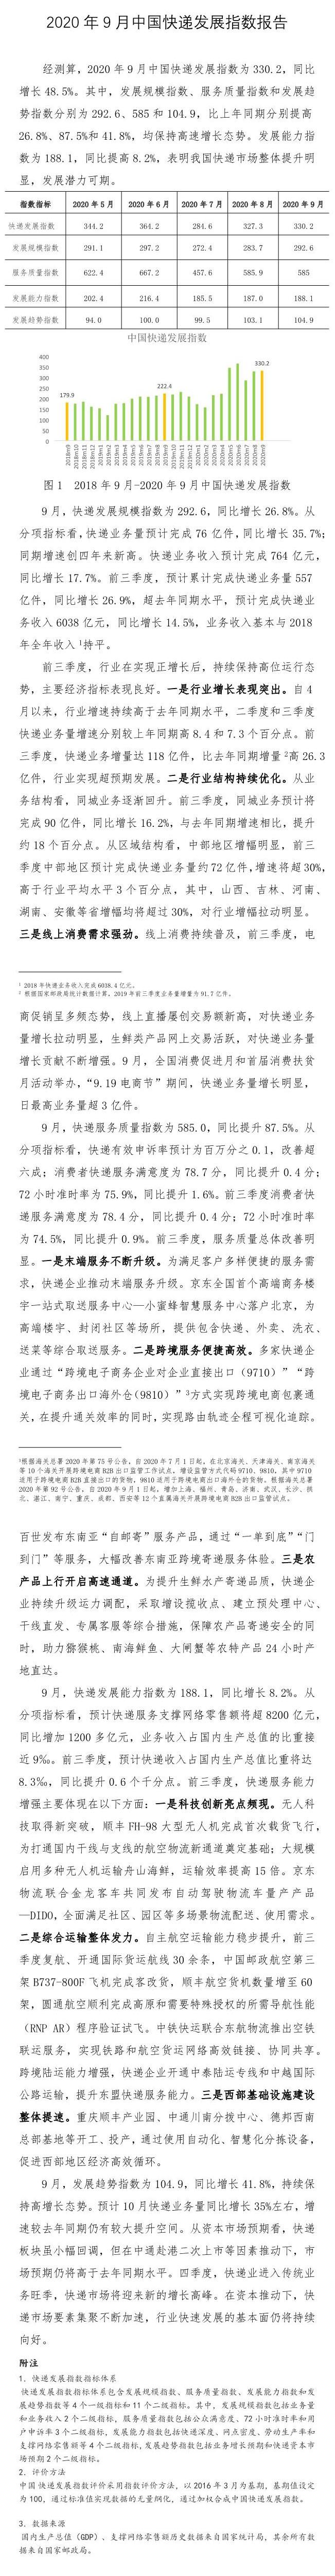 国家邮政局:2020年9月中国快递发展指数同比增48.5%